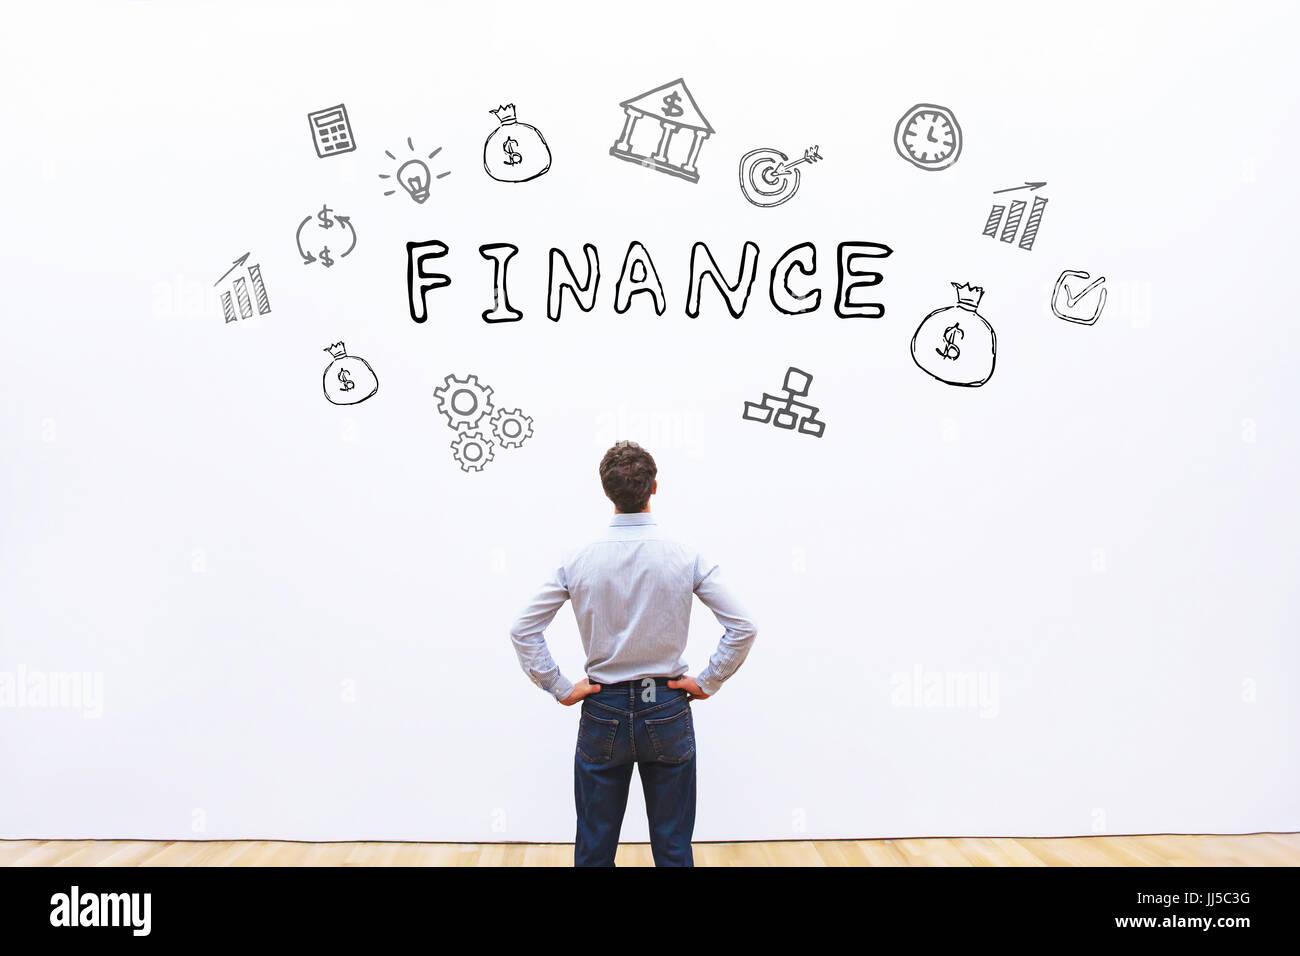 Concetto di finanza, uomo d affari guardando disegnate word su sfondo bianco Immagini Stock